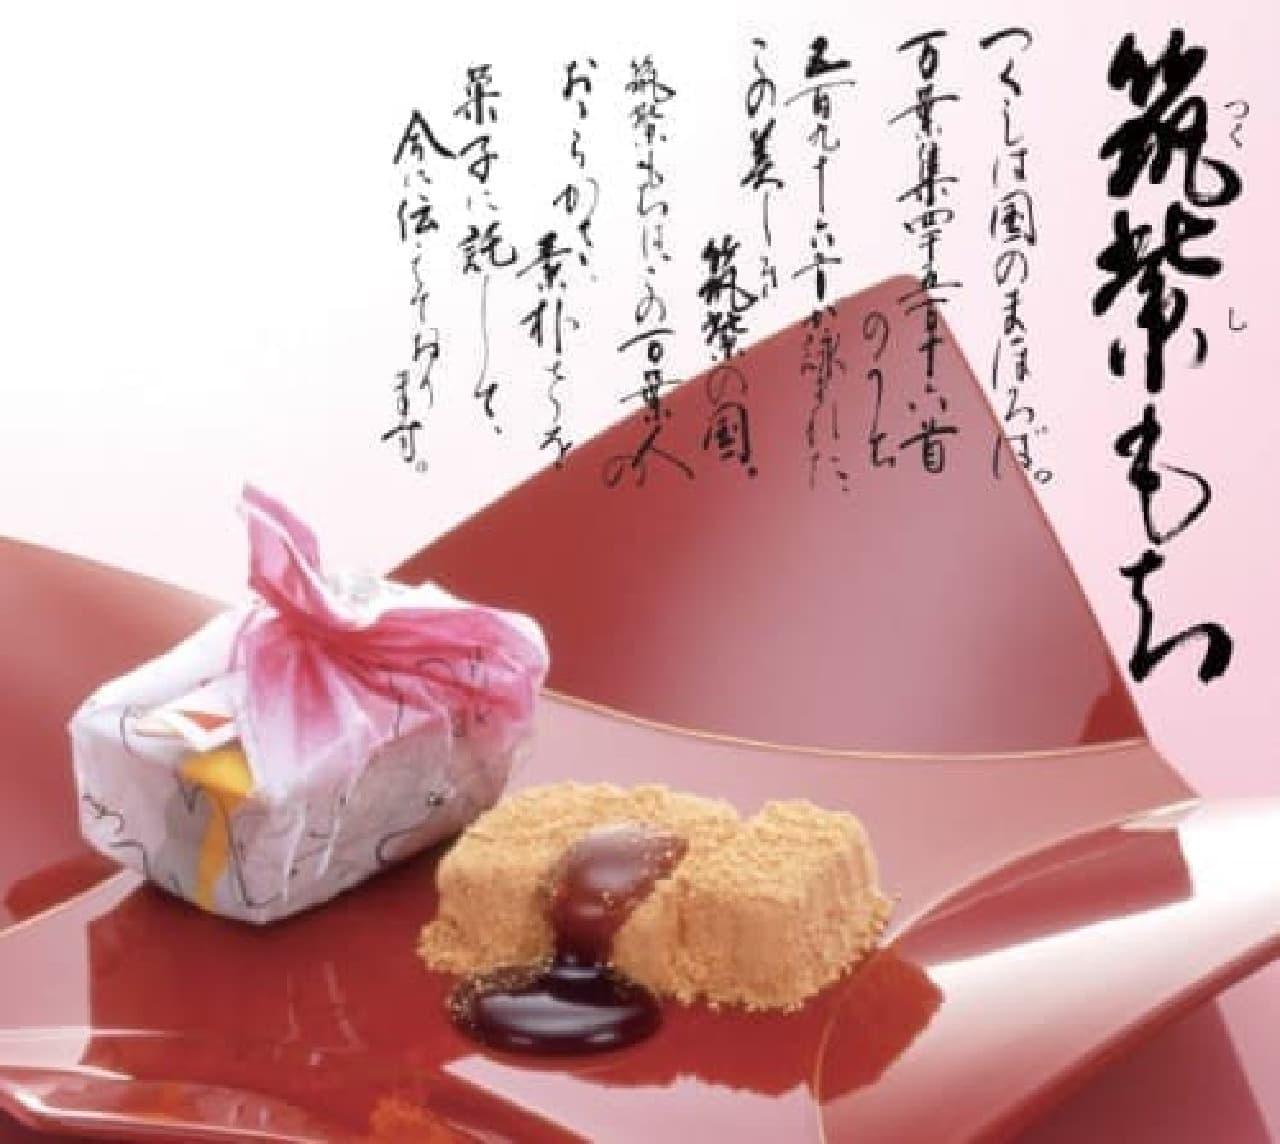 如水庵(じょすいあん)の筑紫もち